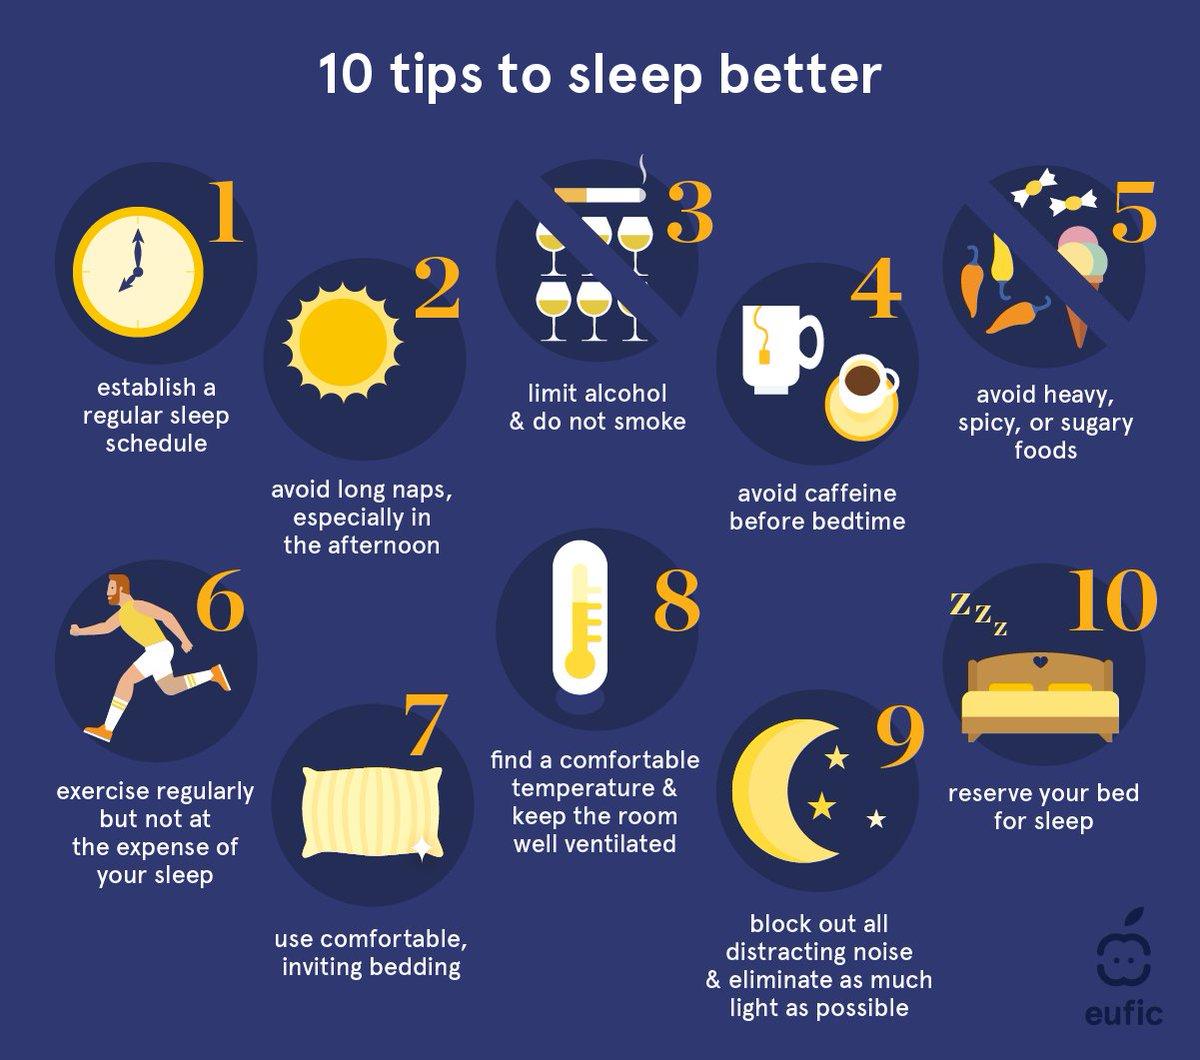 Better sleep leads to better sex